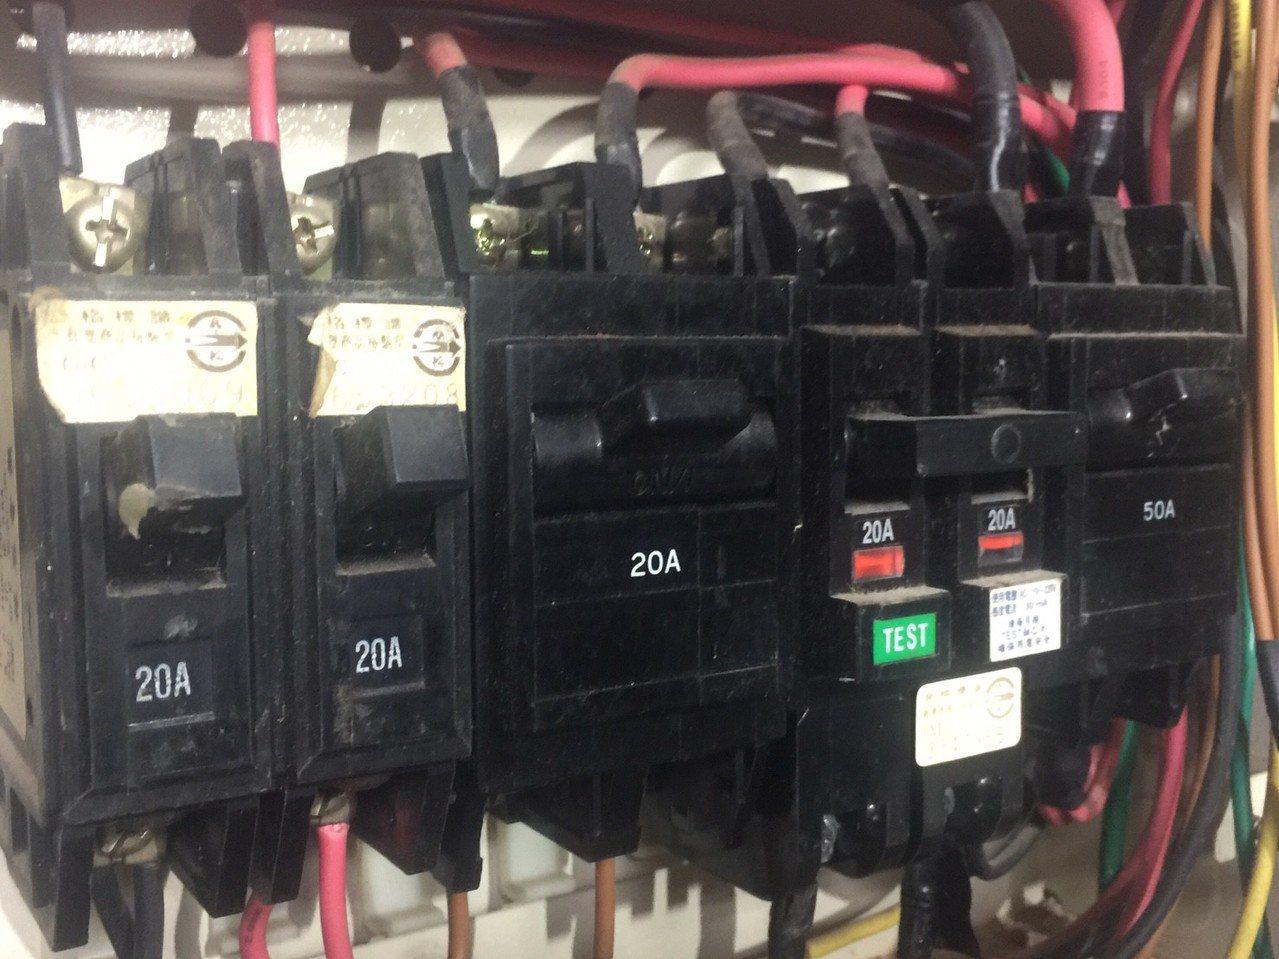 漏電斷路器經過按下綠色斷電按鍵測試後,正常功能會讓把手跳到一半位置,進行斷電;若...